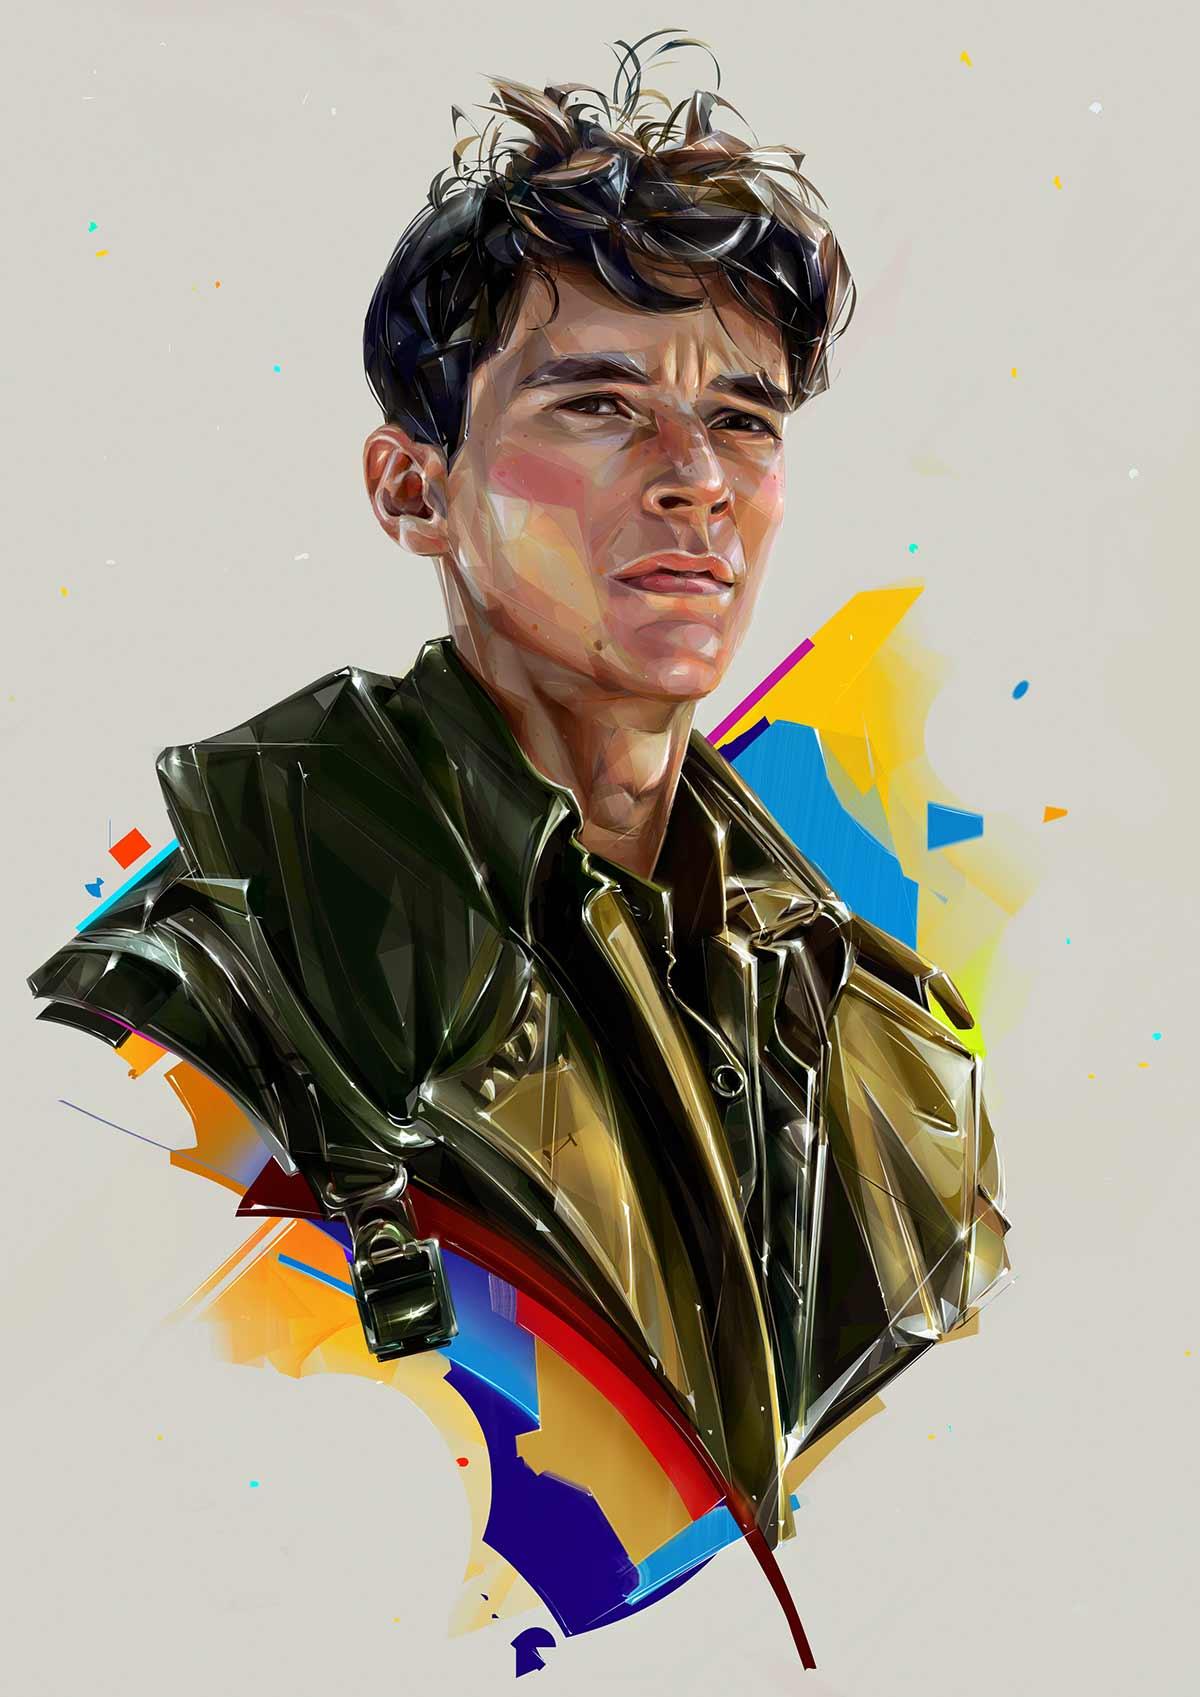 Promi-Portraits von Denis Gonchar Denis-Gonchar-Popkultur-Portraits_02